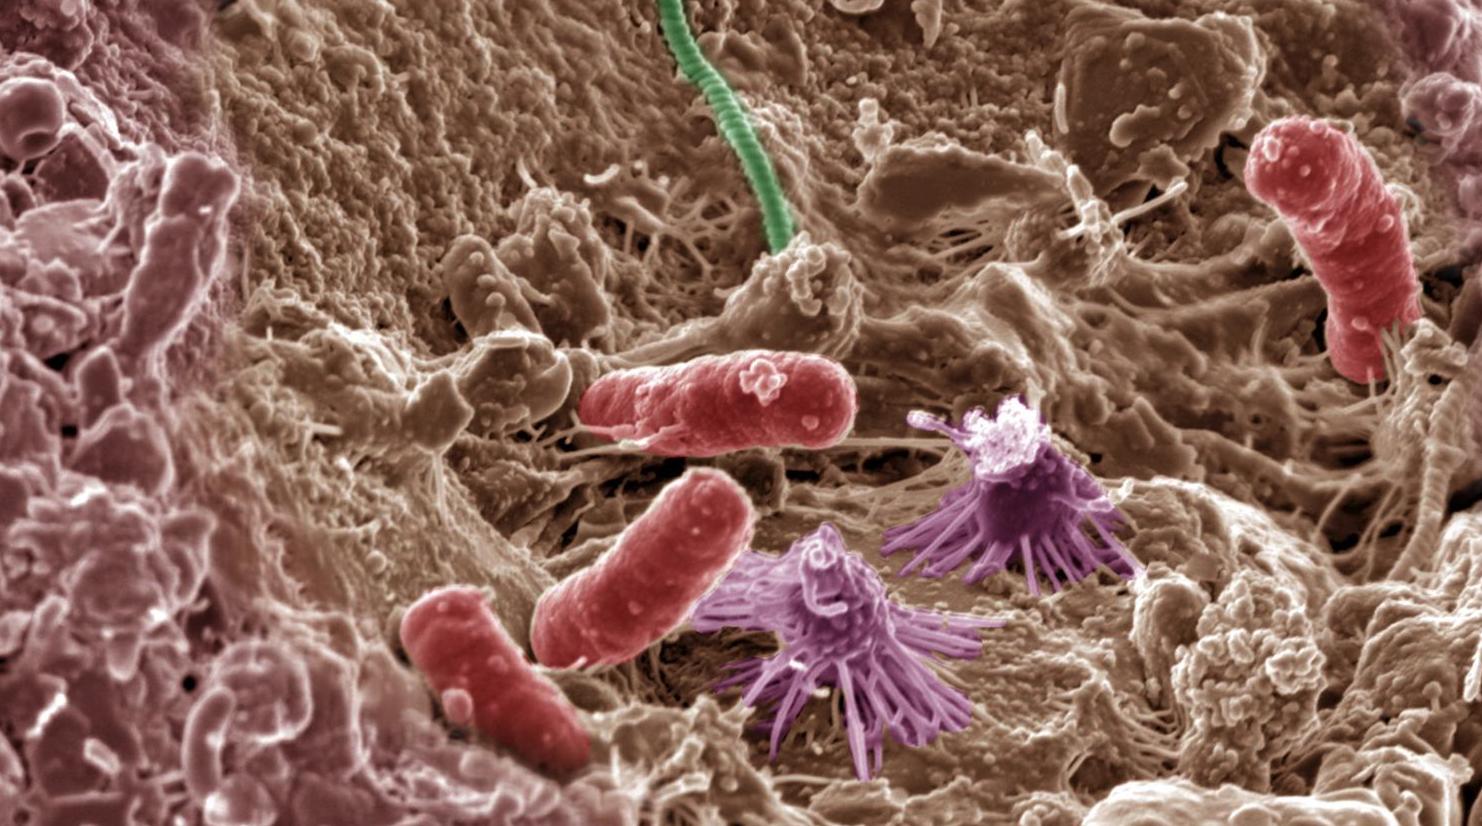 Wie Mikroben im Boden unsere Gesundheit und unsere Ernährung beeinflussen